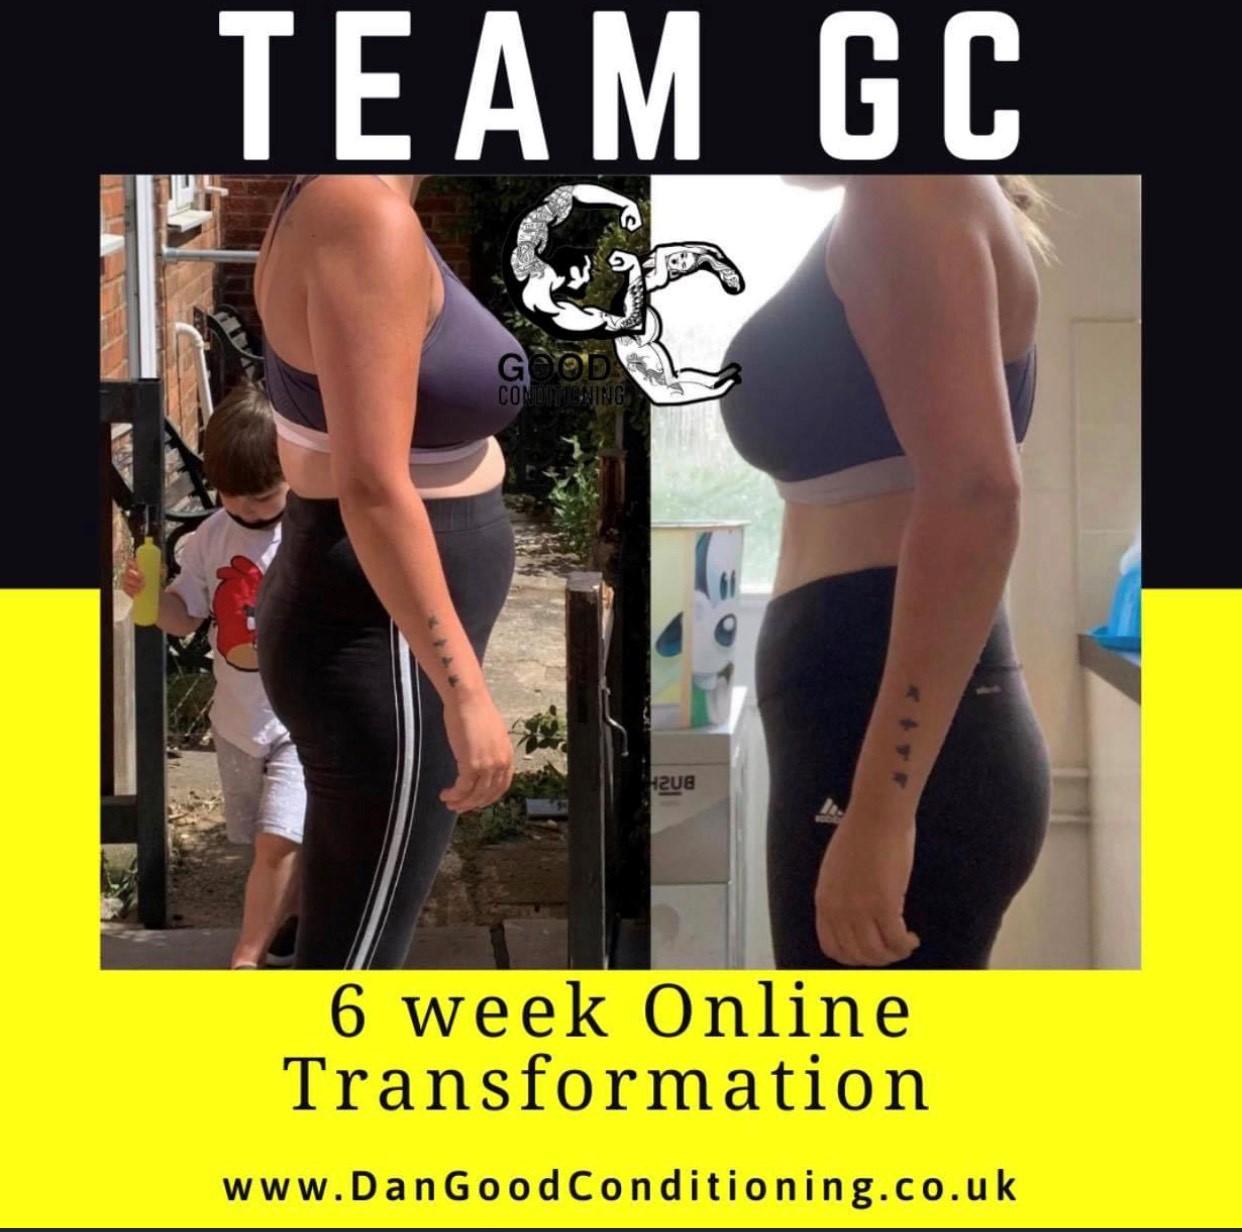 Sammie McCaig - Team GC Member